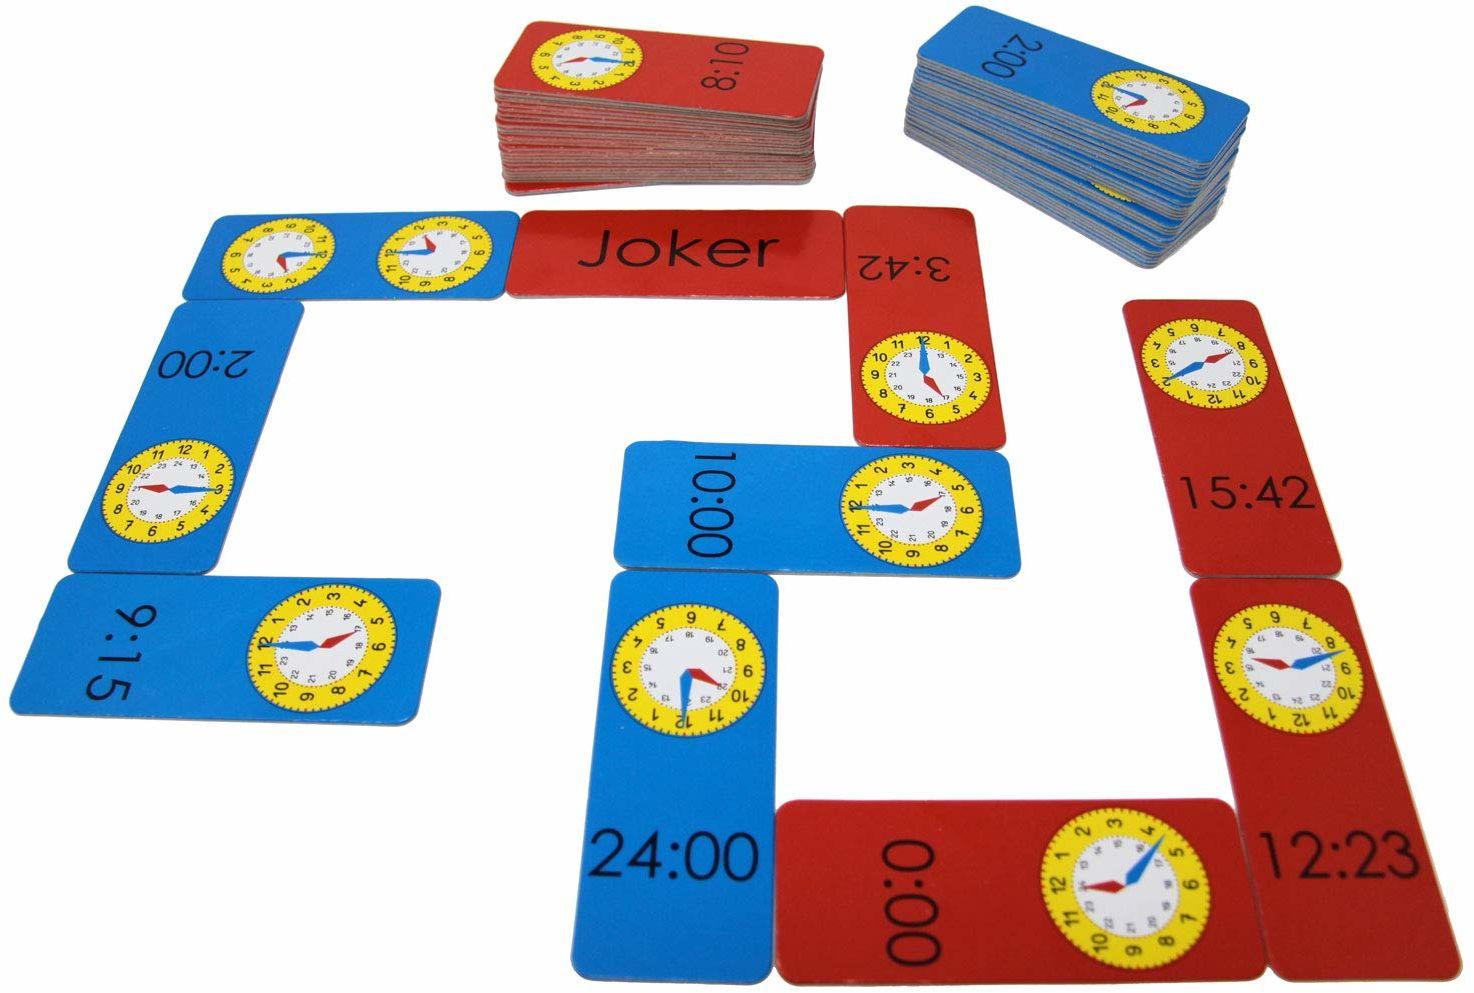 Wissner Aktywna nauka 200095.IMP - godzina Domino, gra edukacyjna dla dzieci do ćwiczenia zegarka i czasu z zabawy, wyprodukowana z kartonu z recyklingu